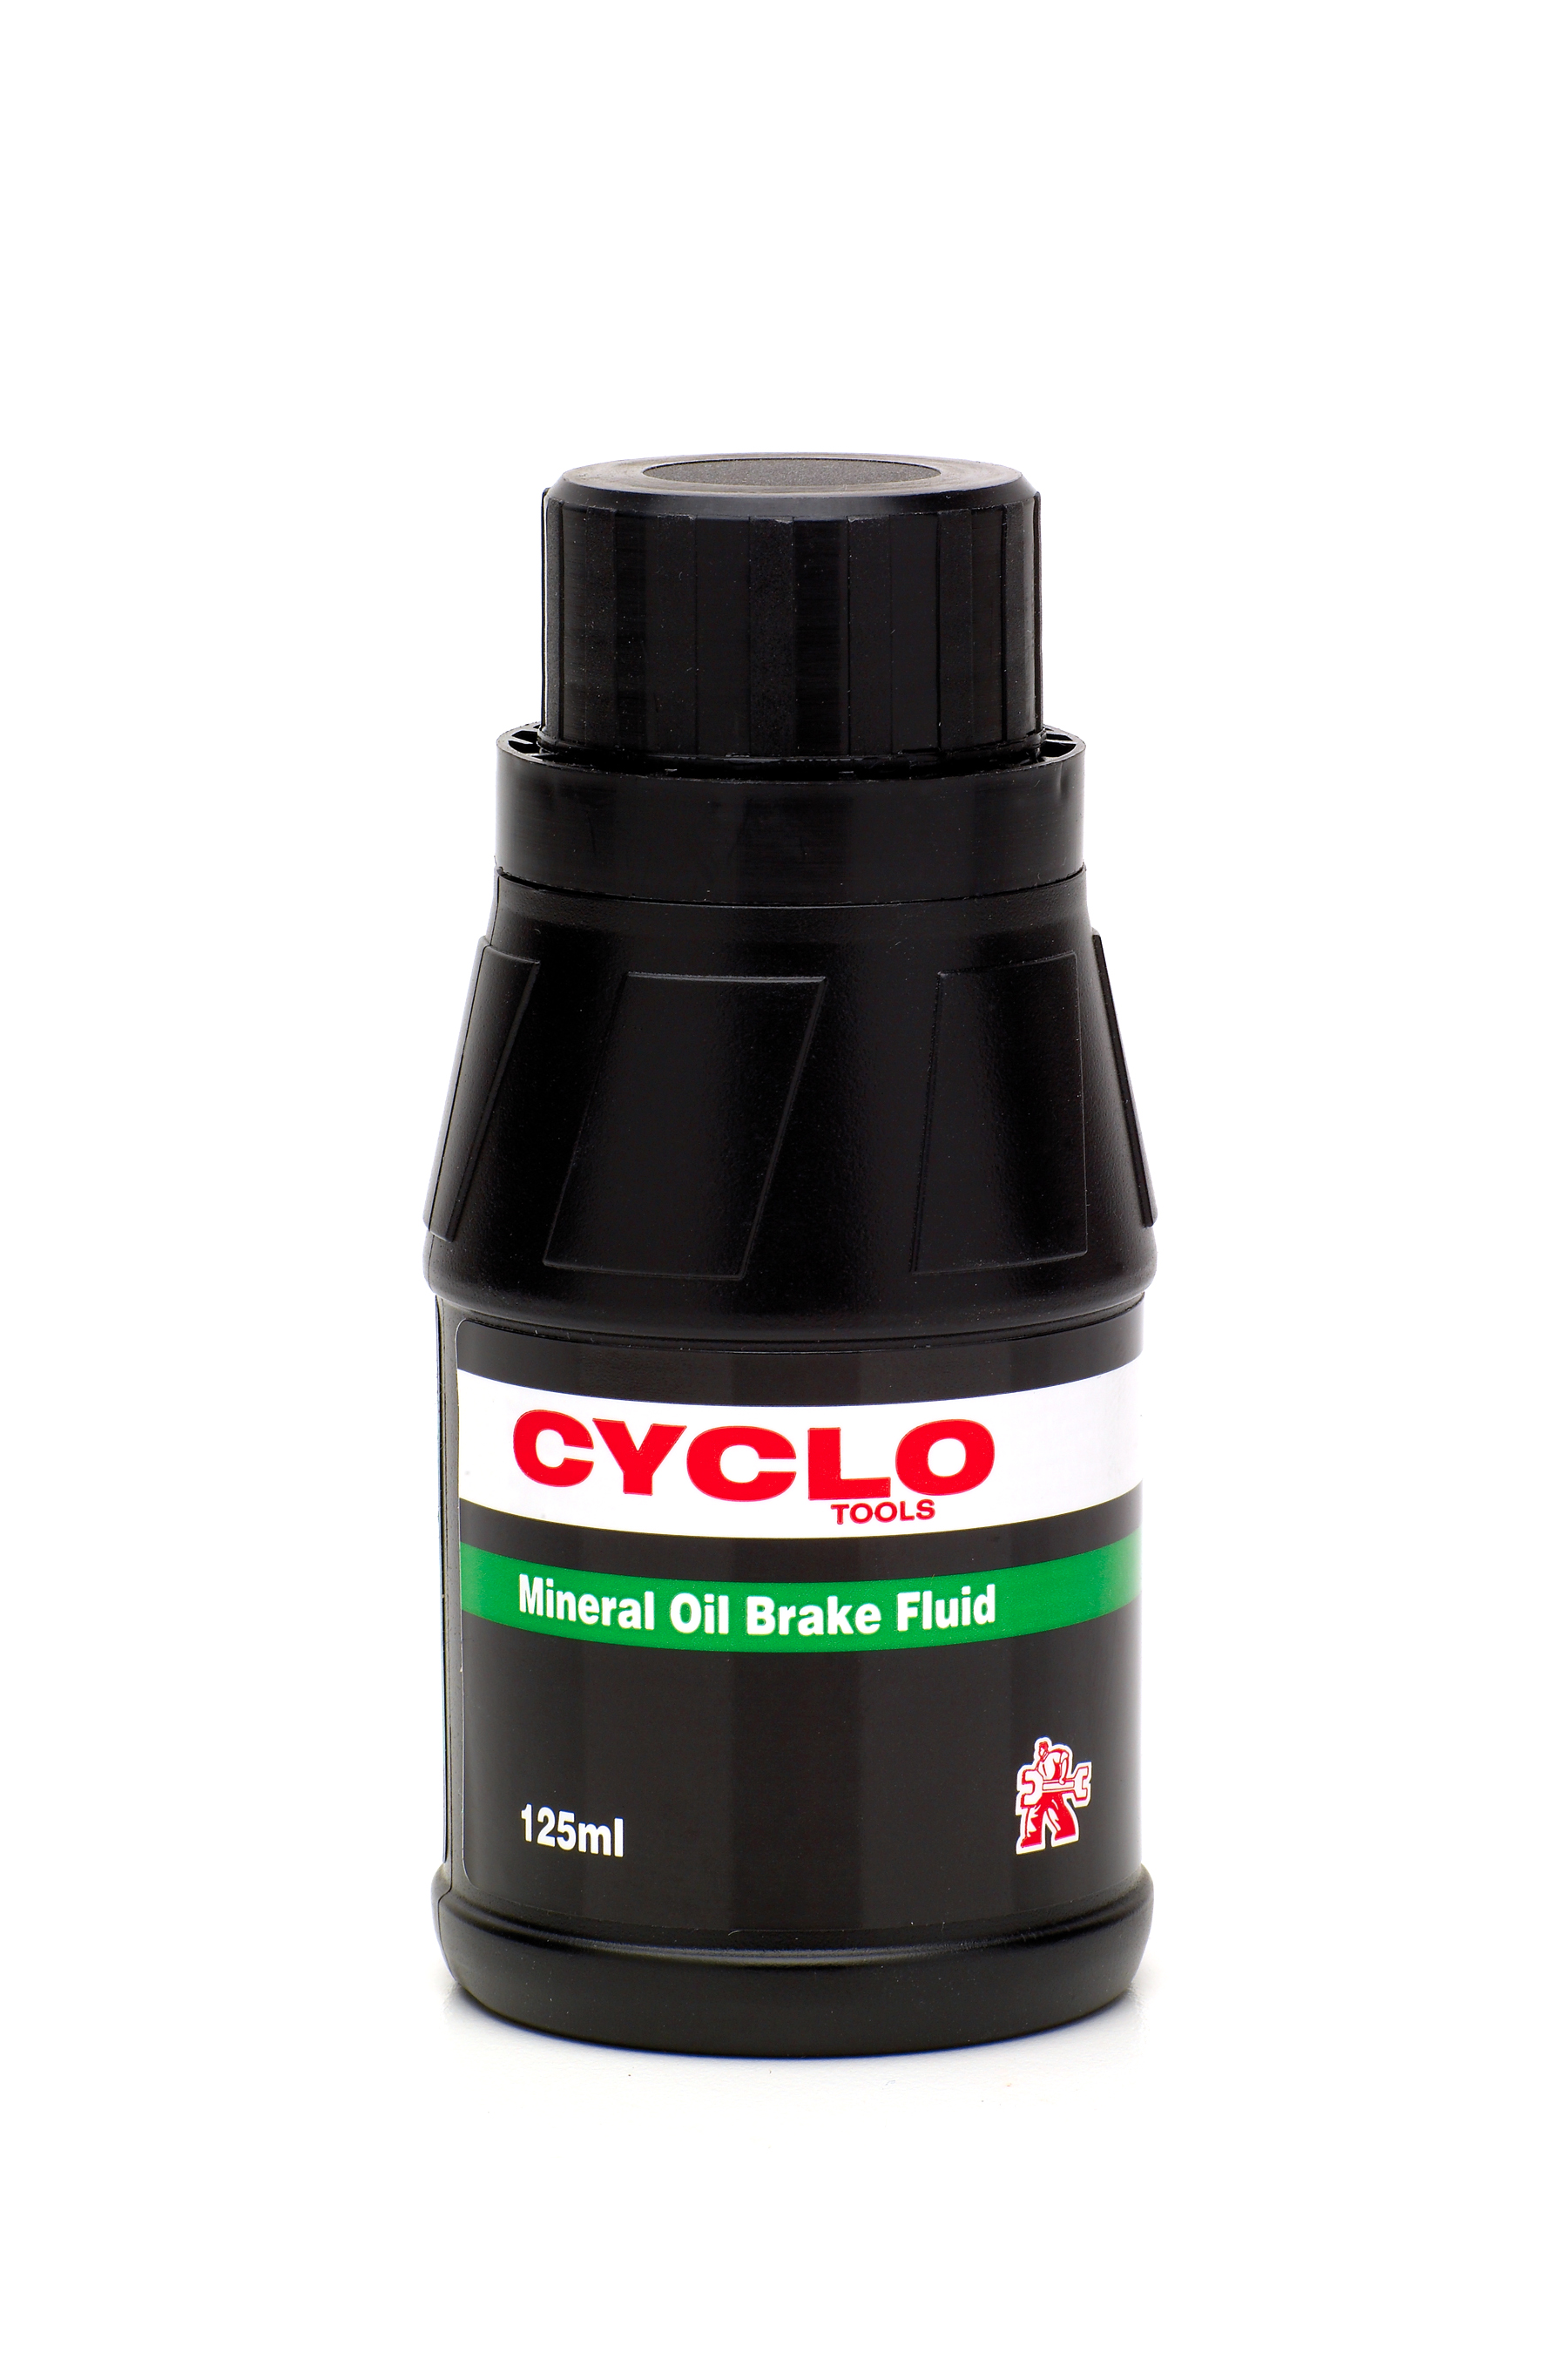 Ulje mineralno za hidraulične kočnice Cyclo 125ml